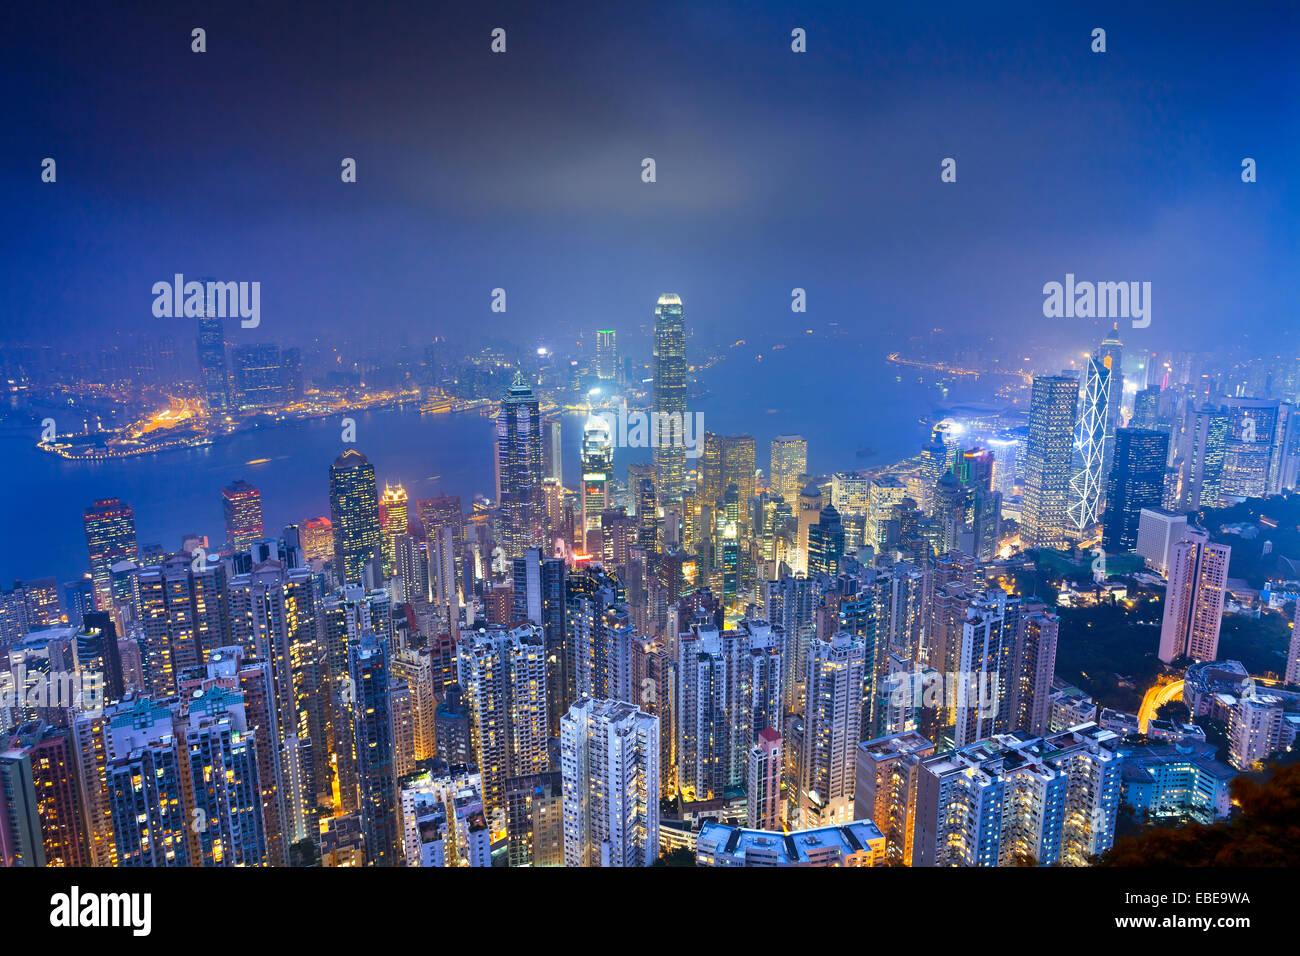 Hong Kong. Immagine di Hong Kong con molti grattacieli durante il blu crepuscolo ora. Immagini Stock